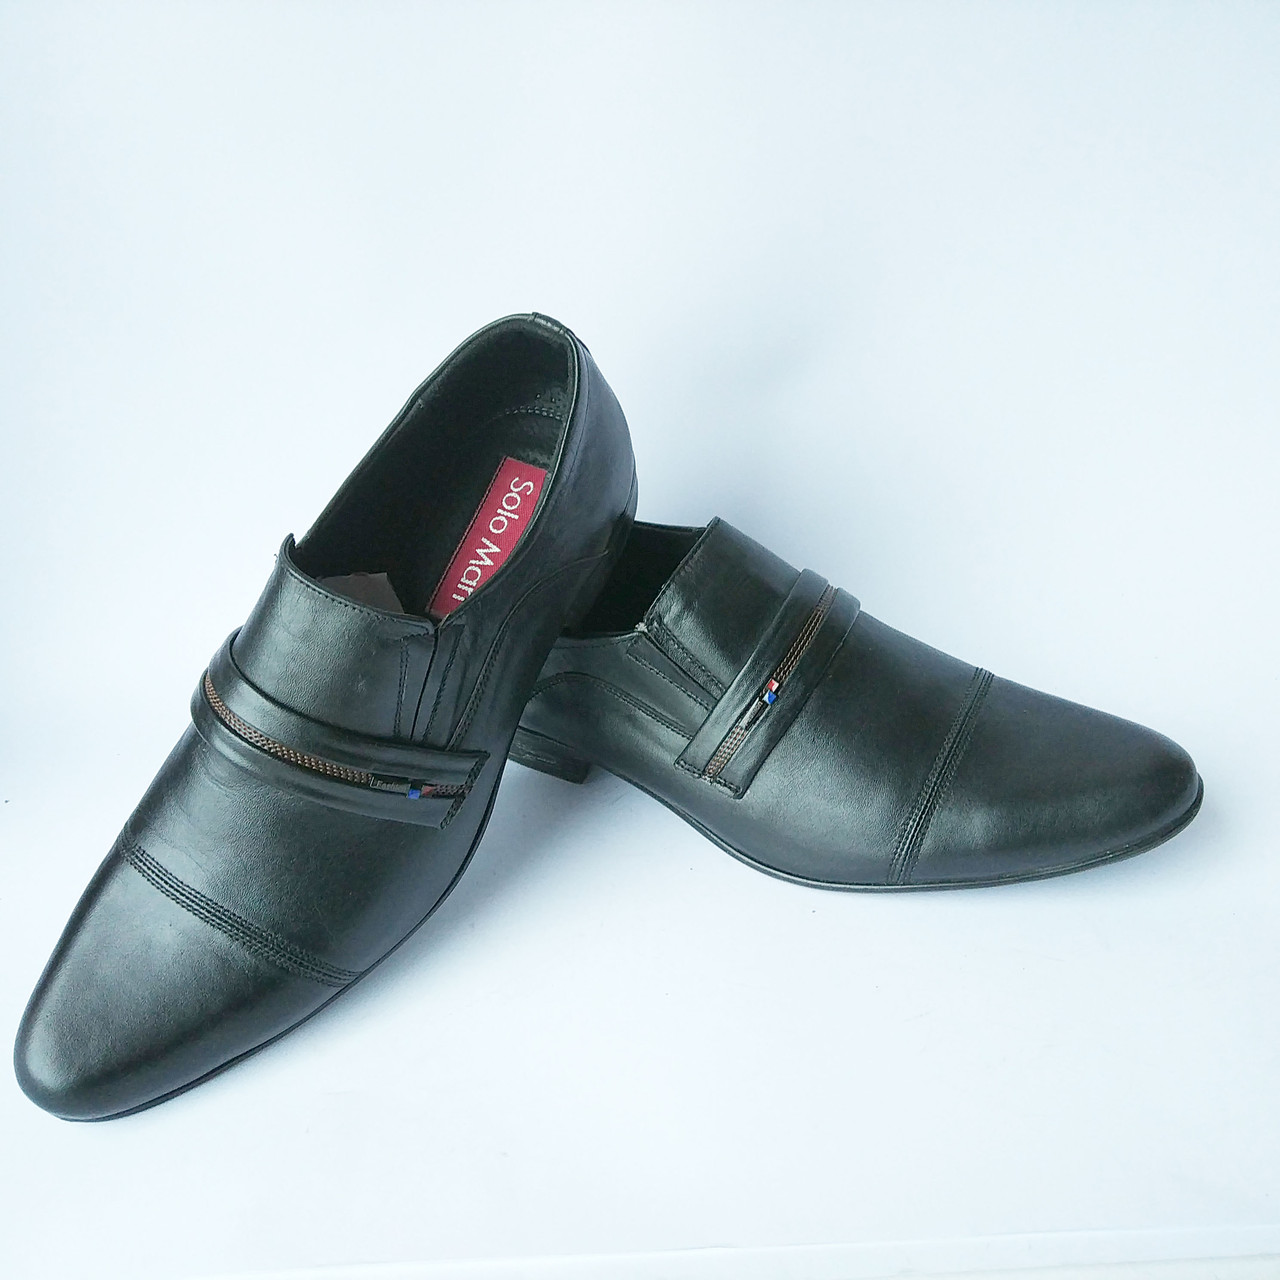 d177d7bd60e3 Классические туфли мужские Харьков : кожаные туфли, черного цвета, под ложку